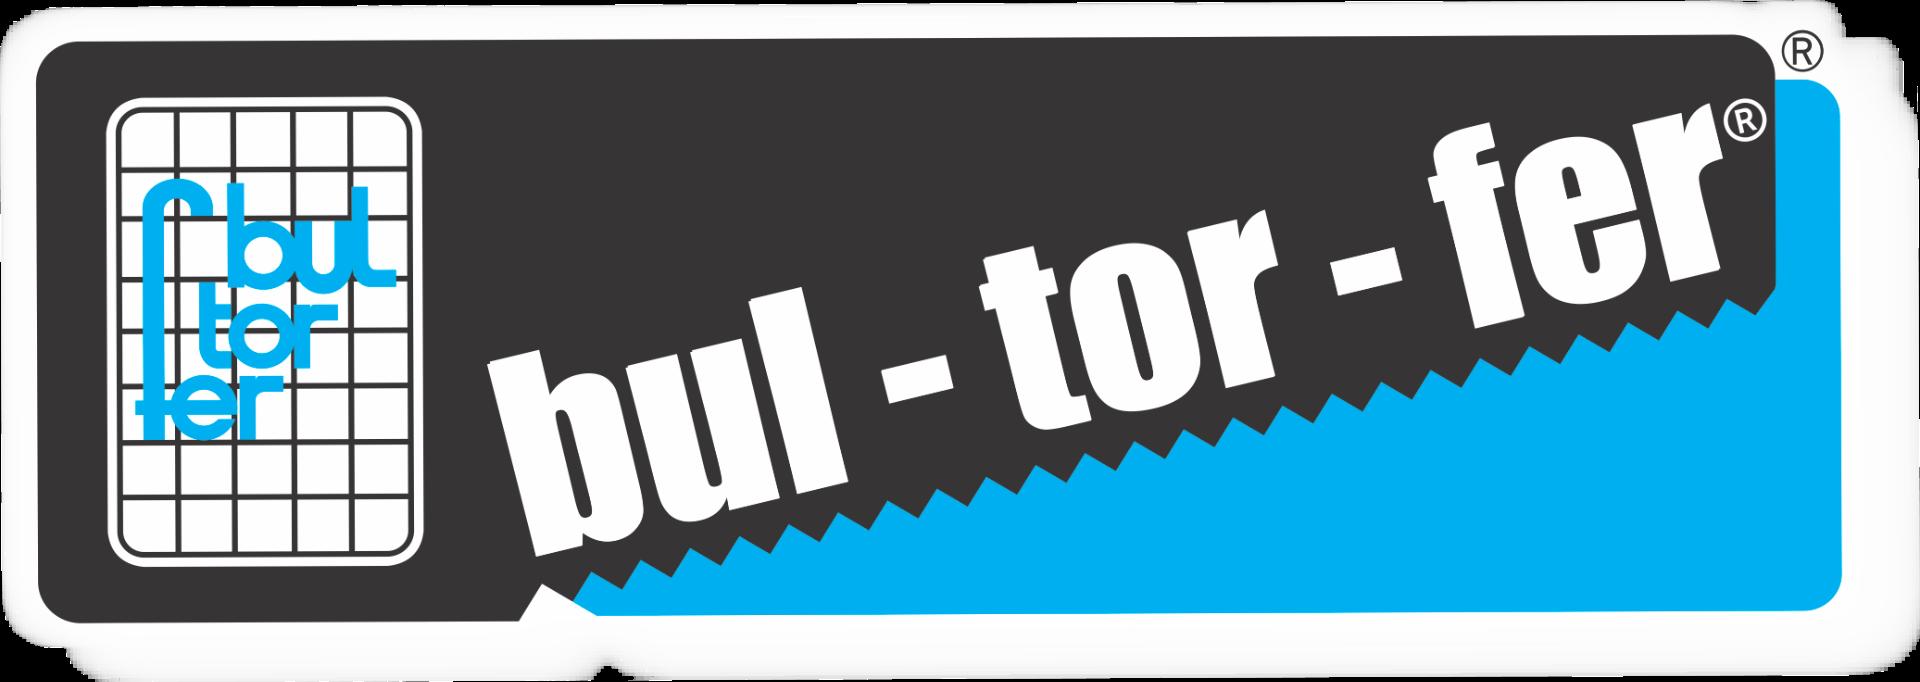 BUL-TOR-FER